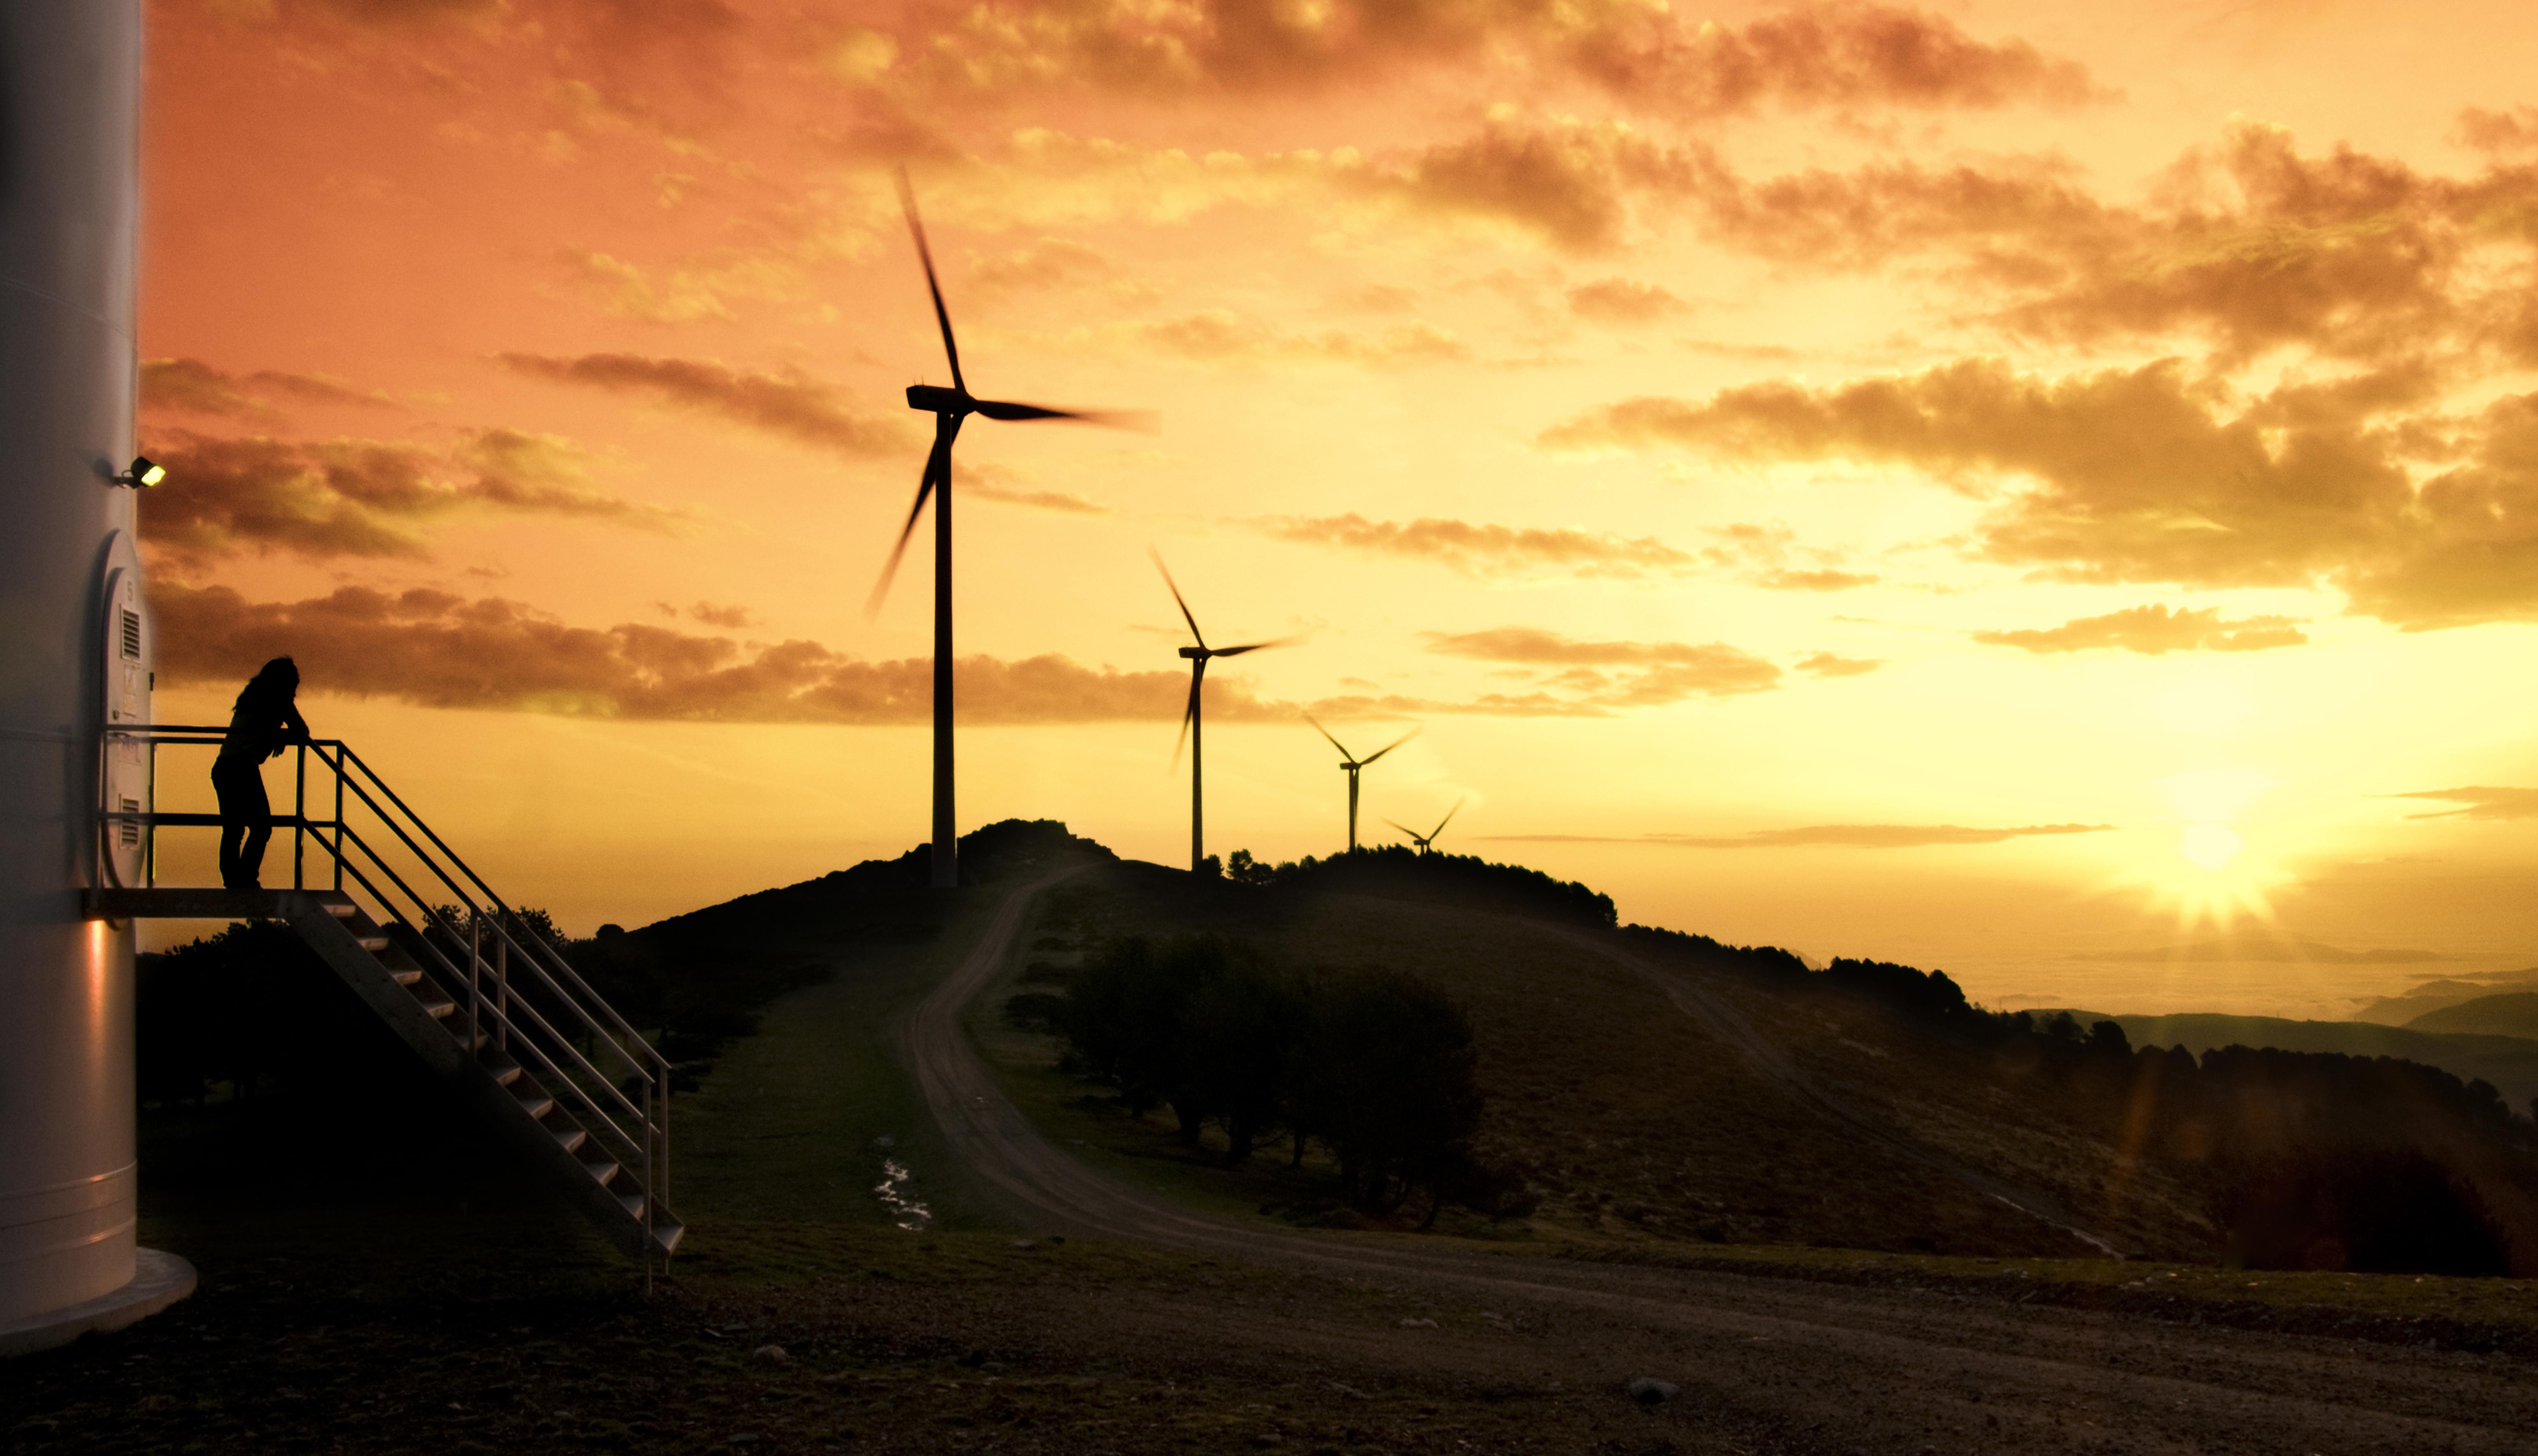 La eólica quiere estabilidad para impulsar el sector eólico